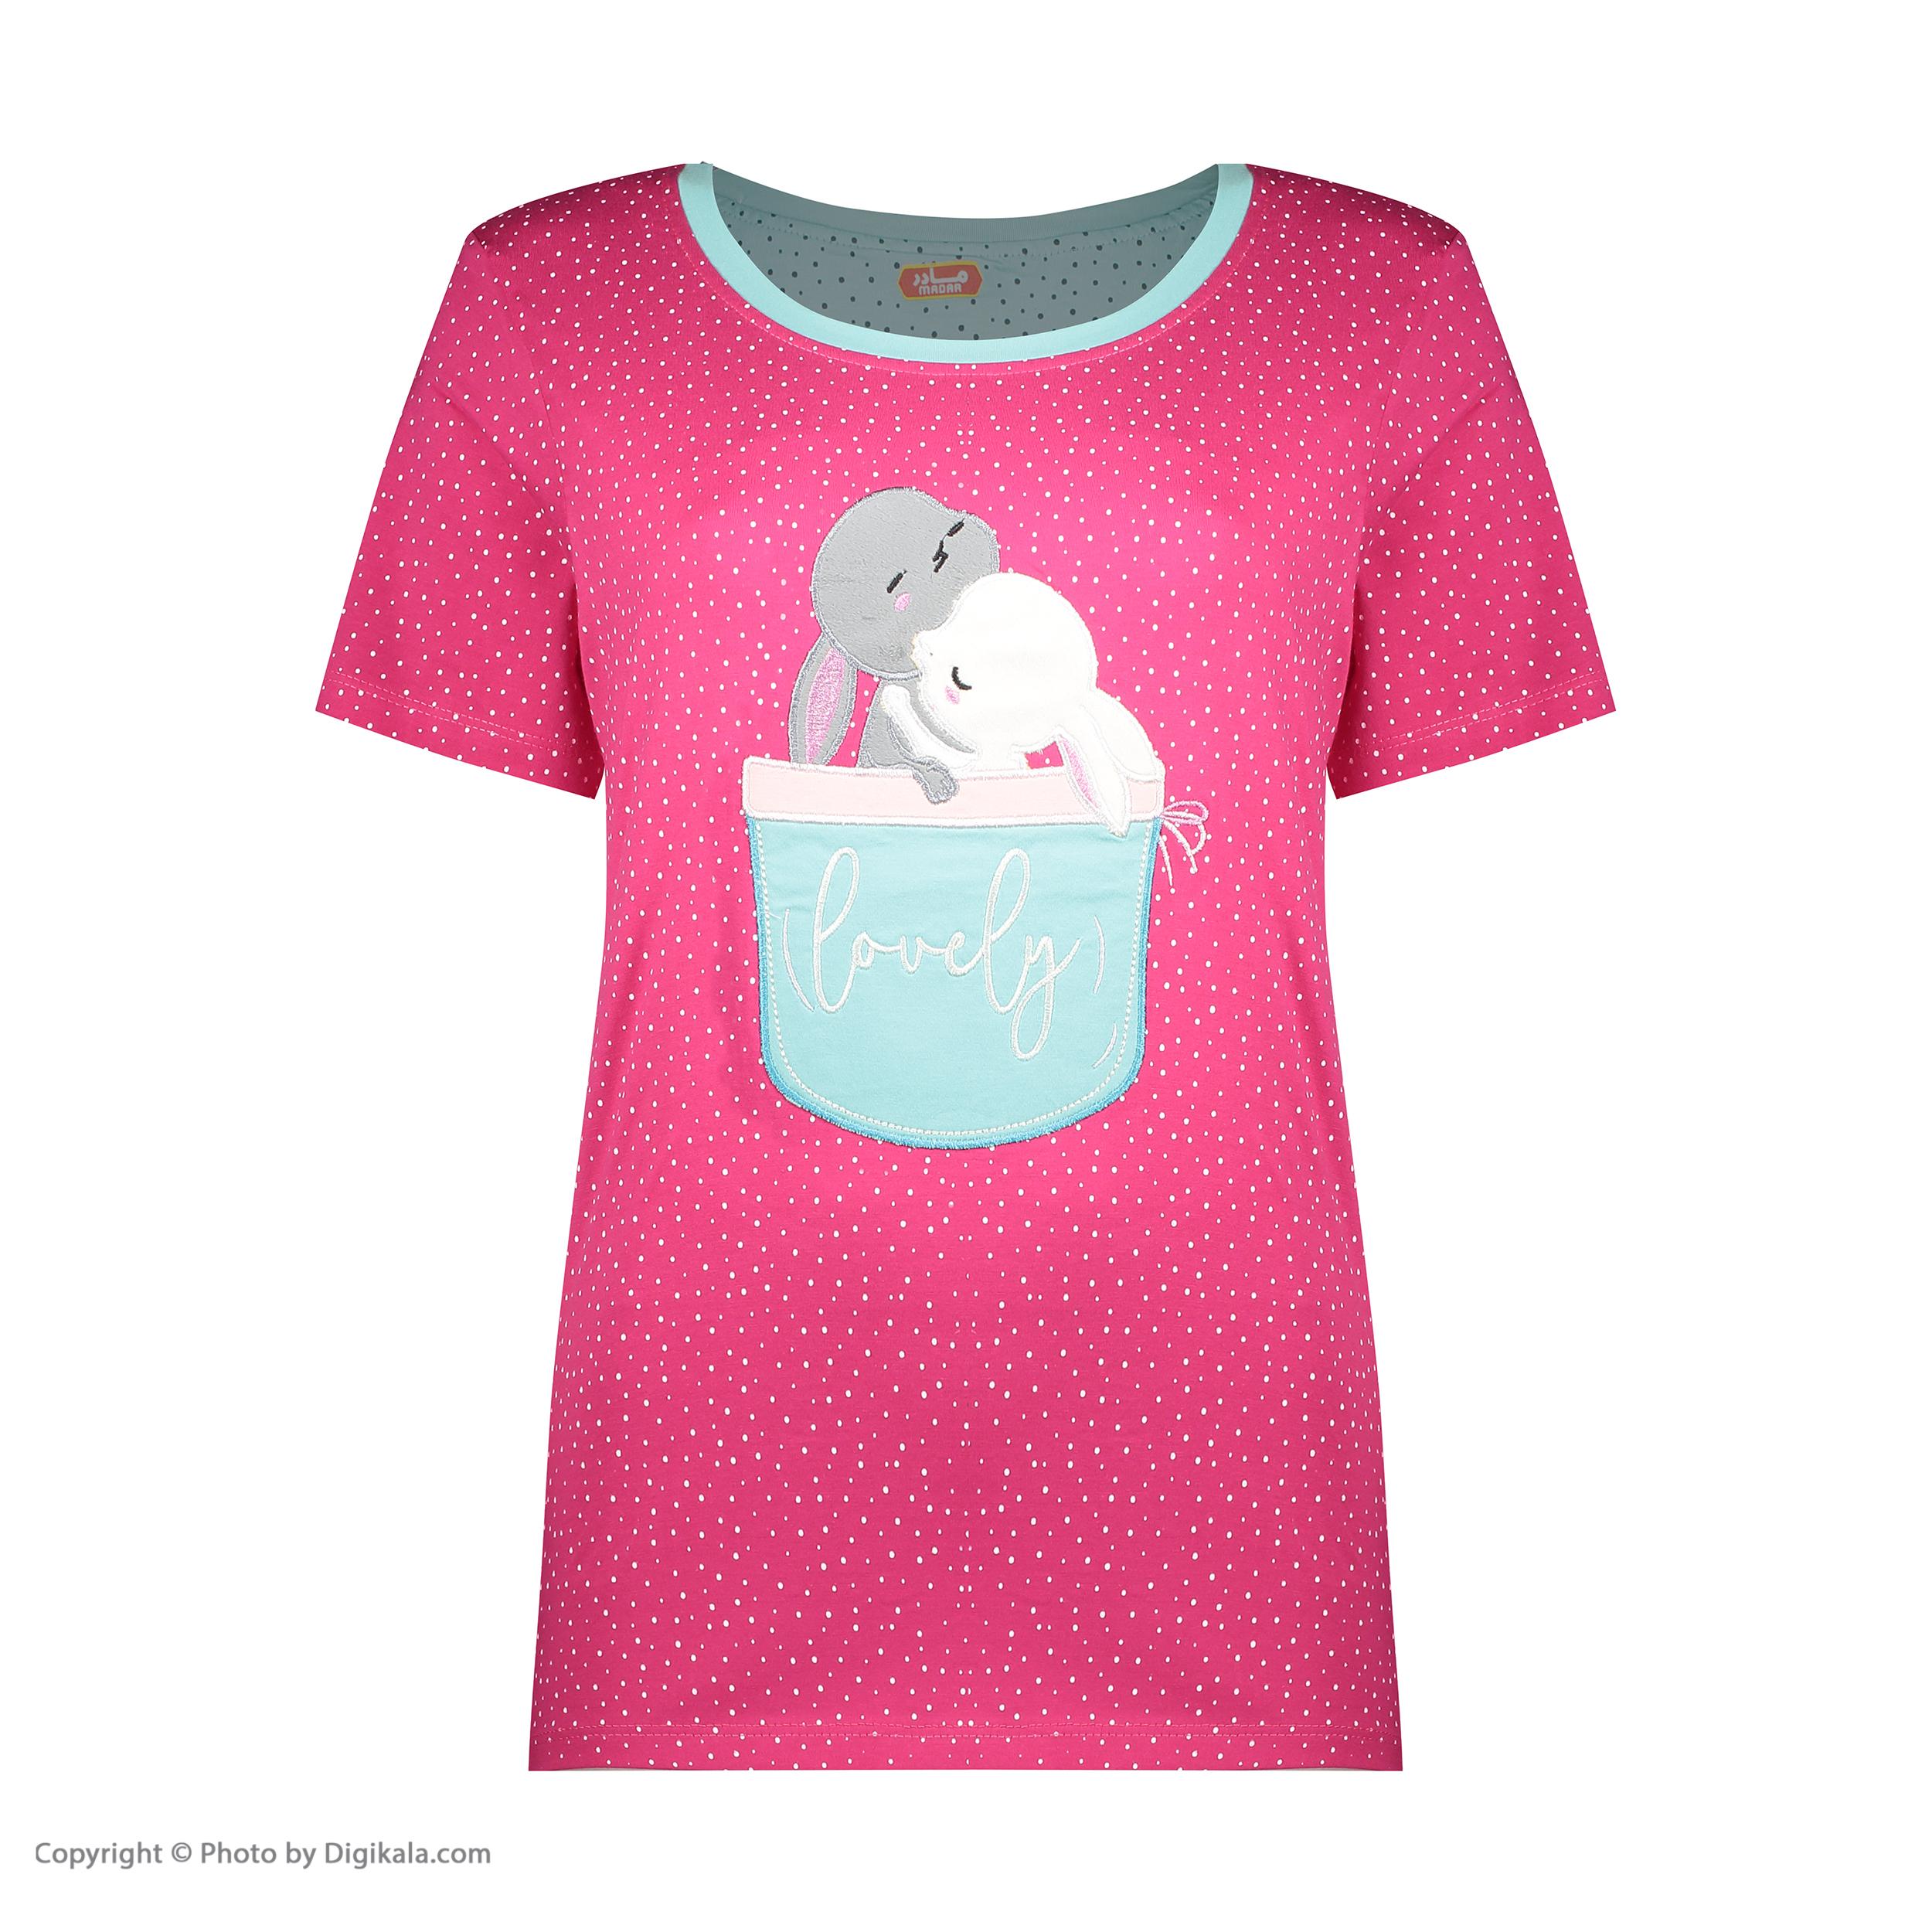 ست تی شرت و شلوارک راحتی زنانه مادر مدل 2041102-66 -  - 4